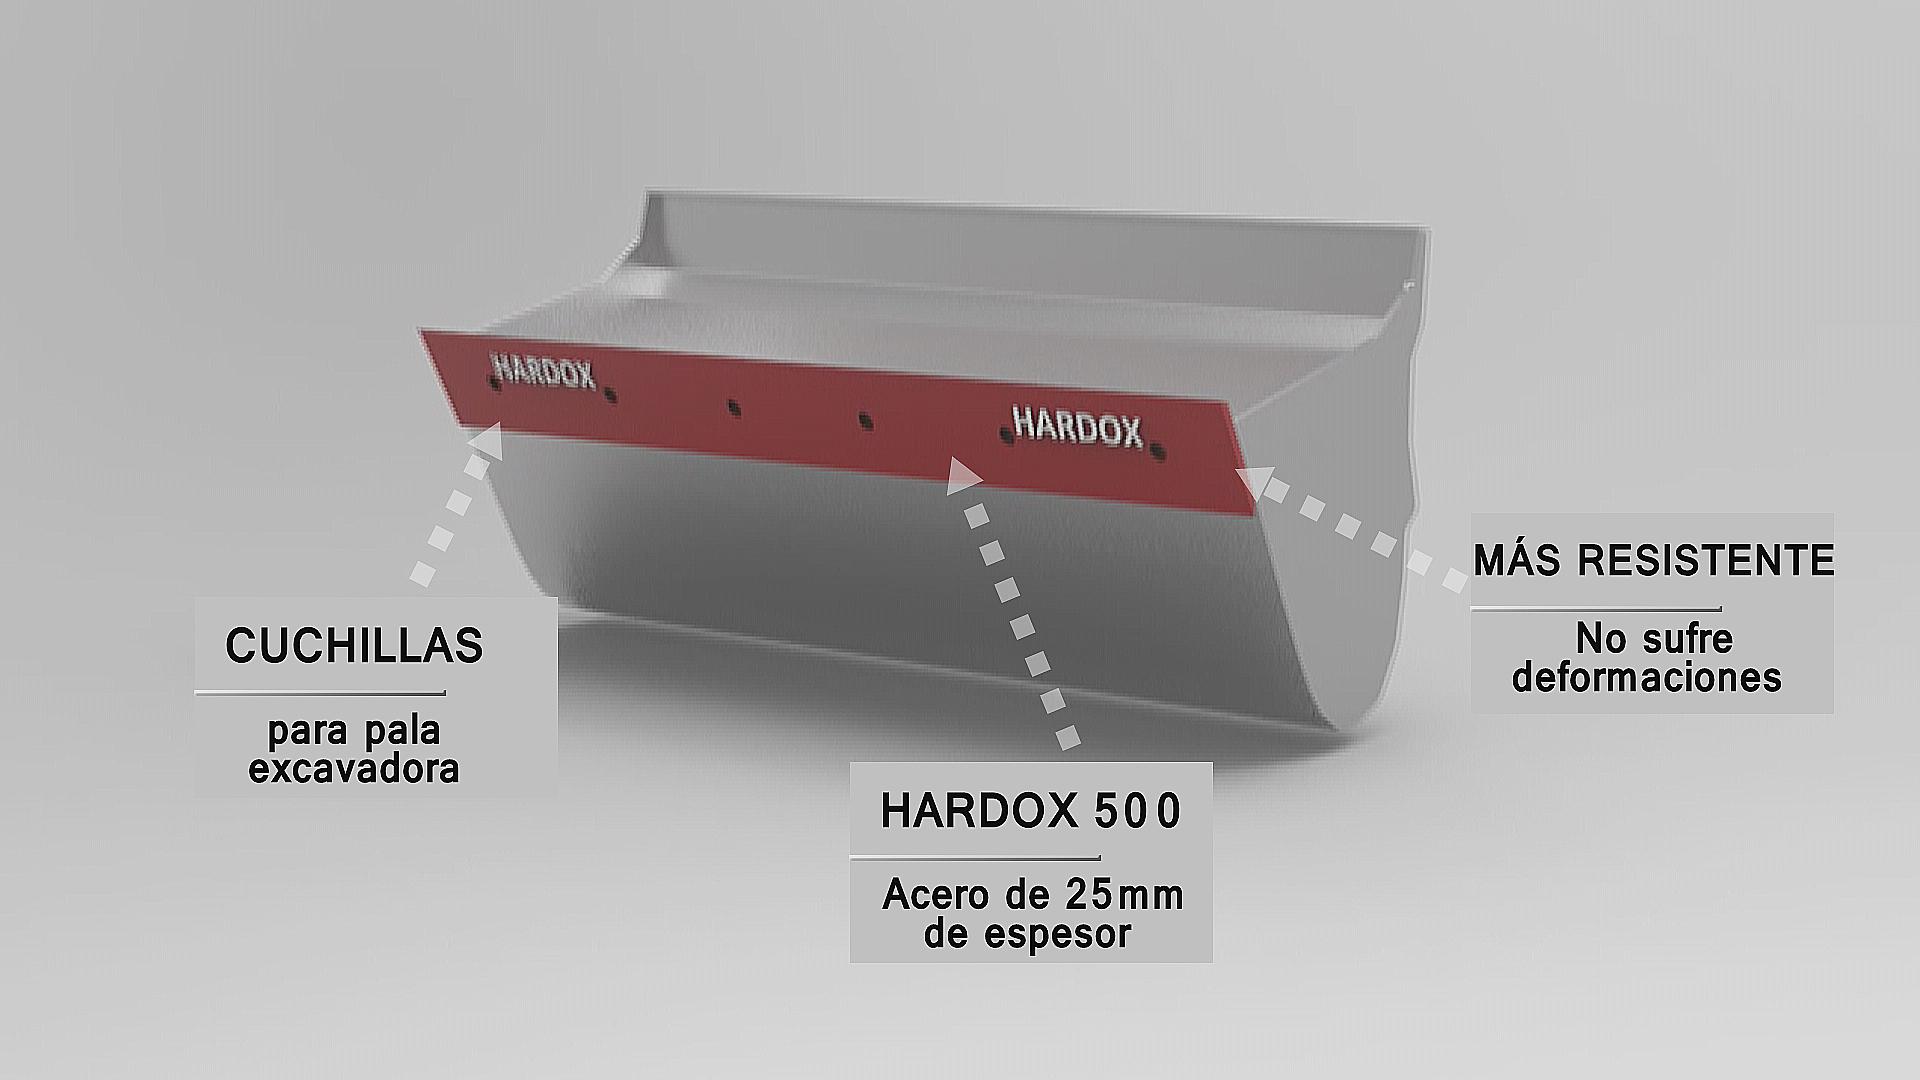 CUCHILLAS PARA PALA EXCAVADORA EN ACERO HARDOX 500